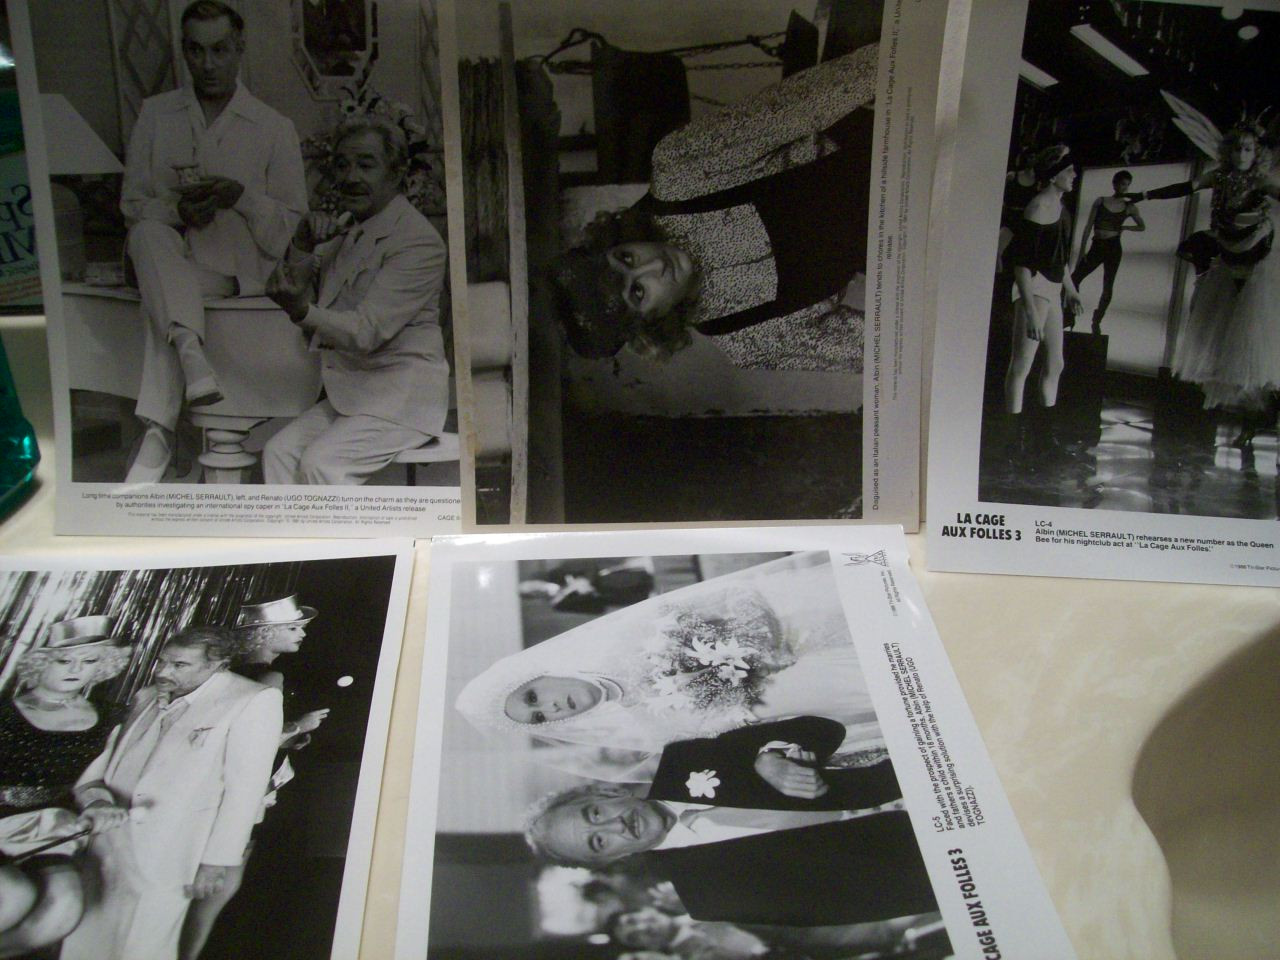 Tognazzi, Ugo Press Kit Photo Signed Autograph La Cage Aux Folles 3 1986